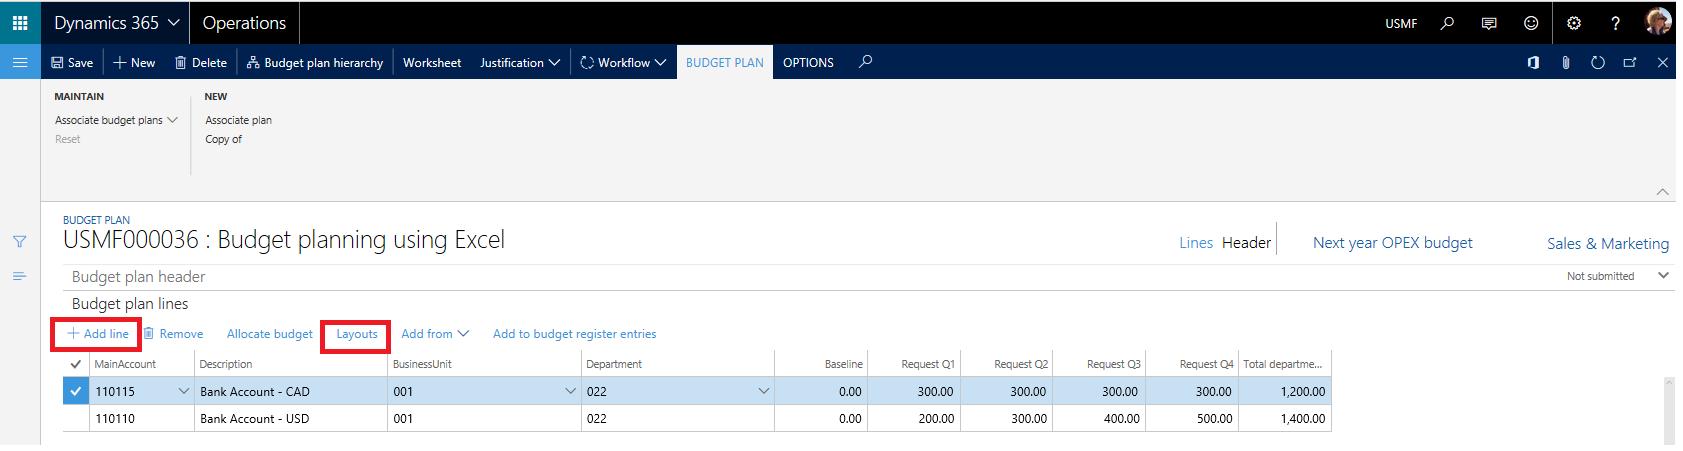 Excel Için Bütçe Planlama şablonları Finance Operations